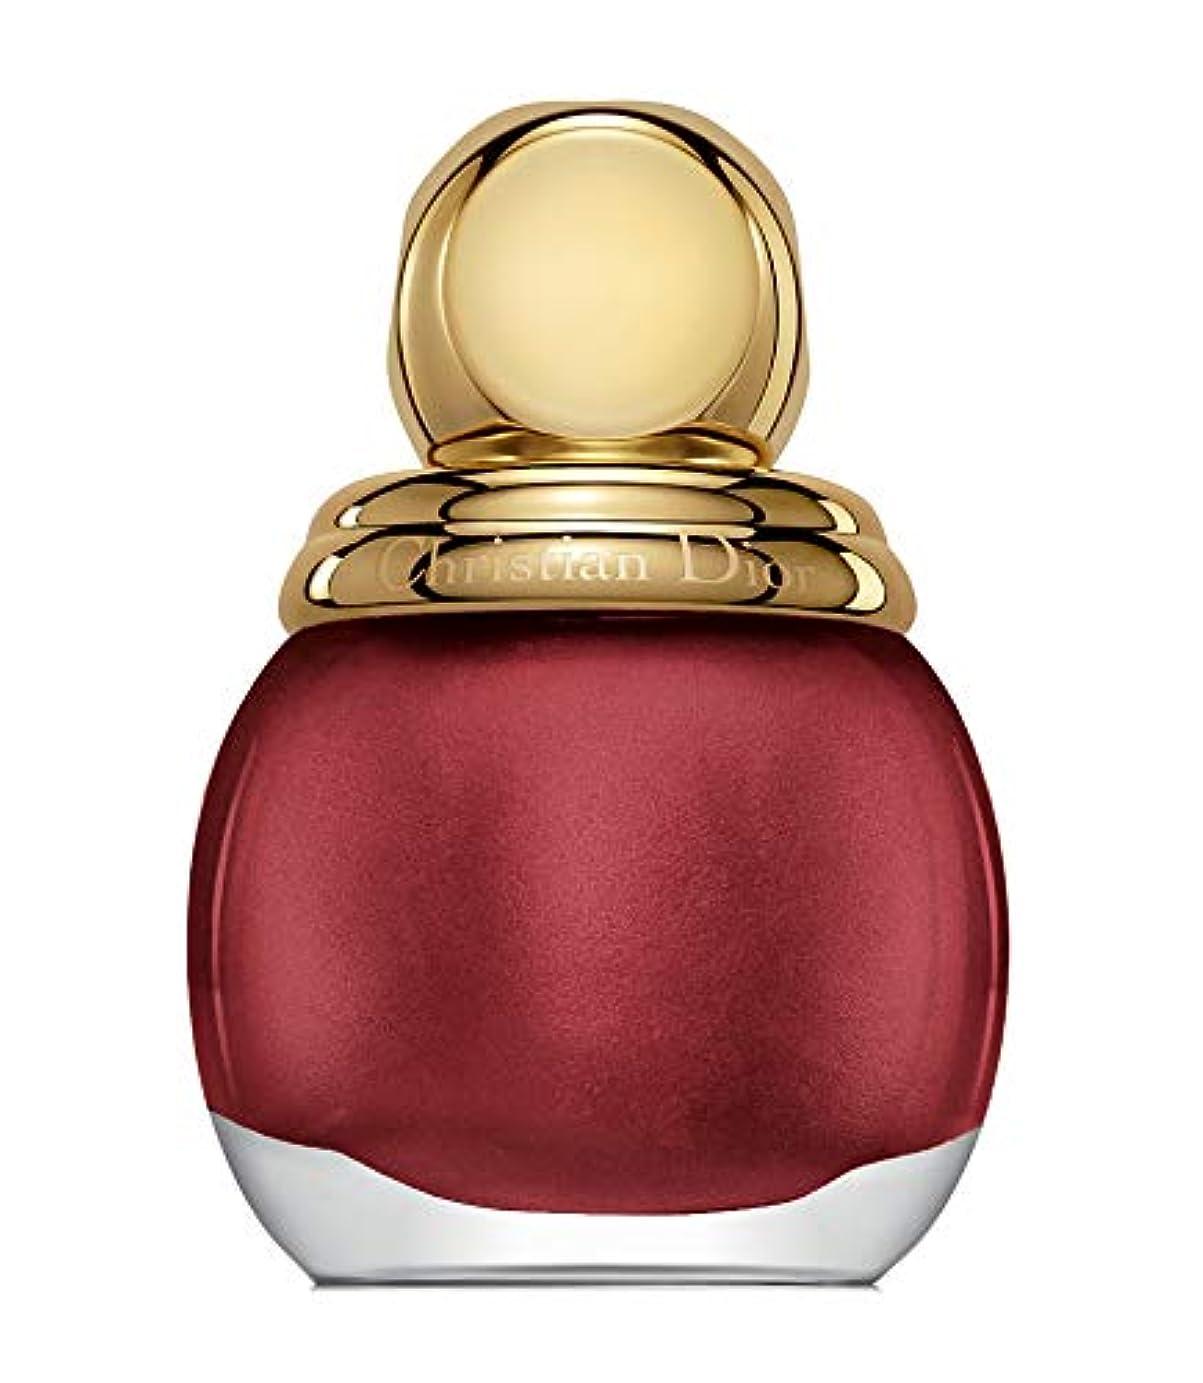 汗結紮尊敬するディオール ヴェルニ ディオリフィック #760 トリオンフ 限定 Dior ネイル ネイルカラー